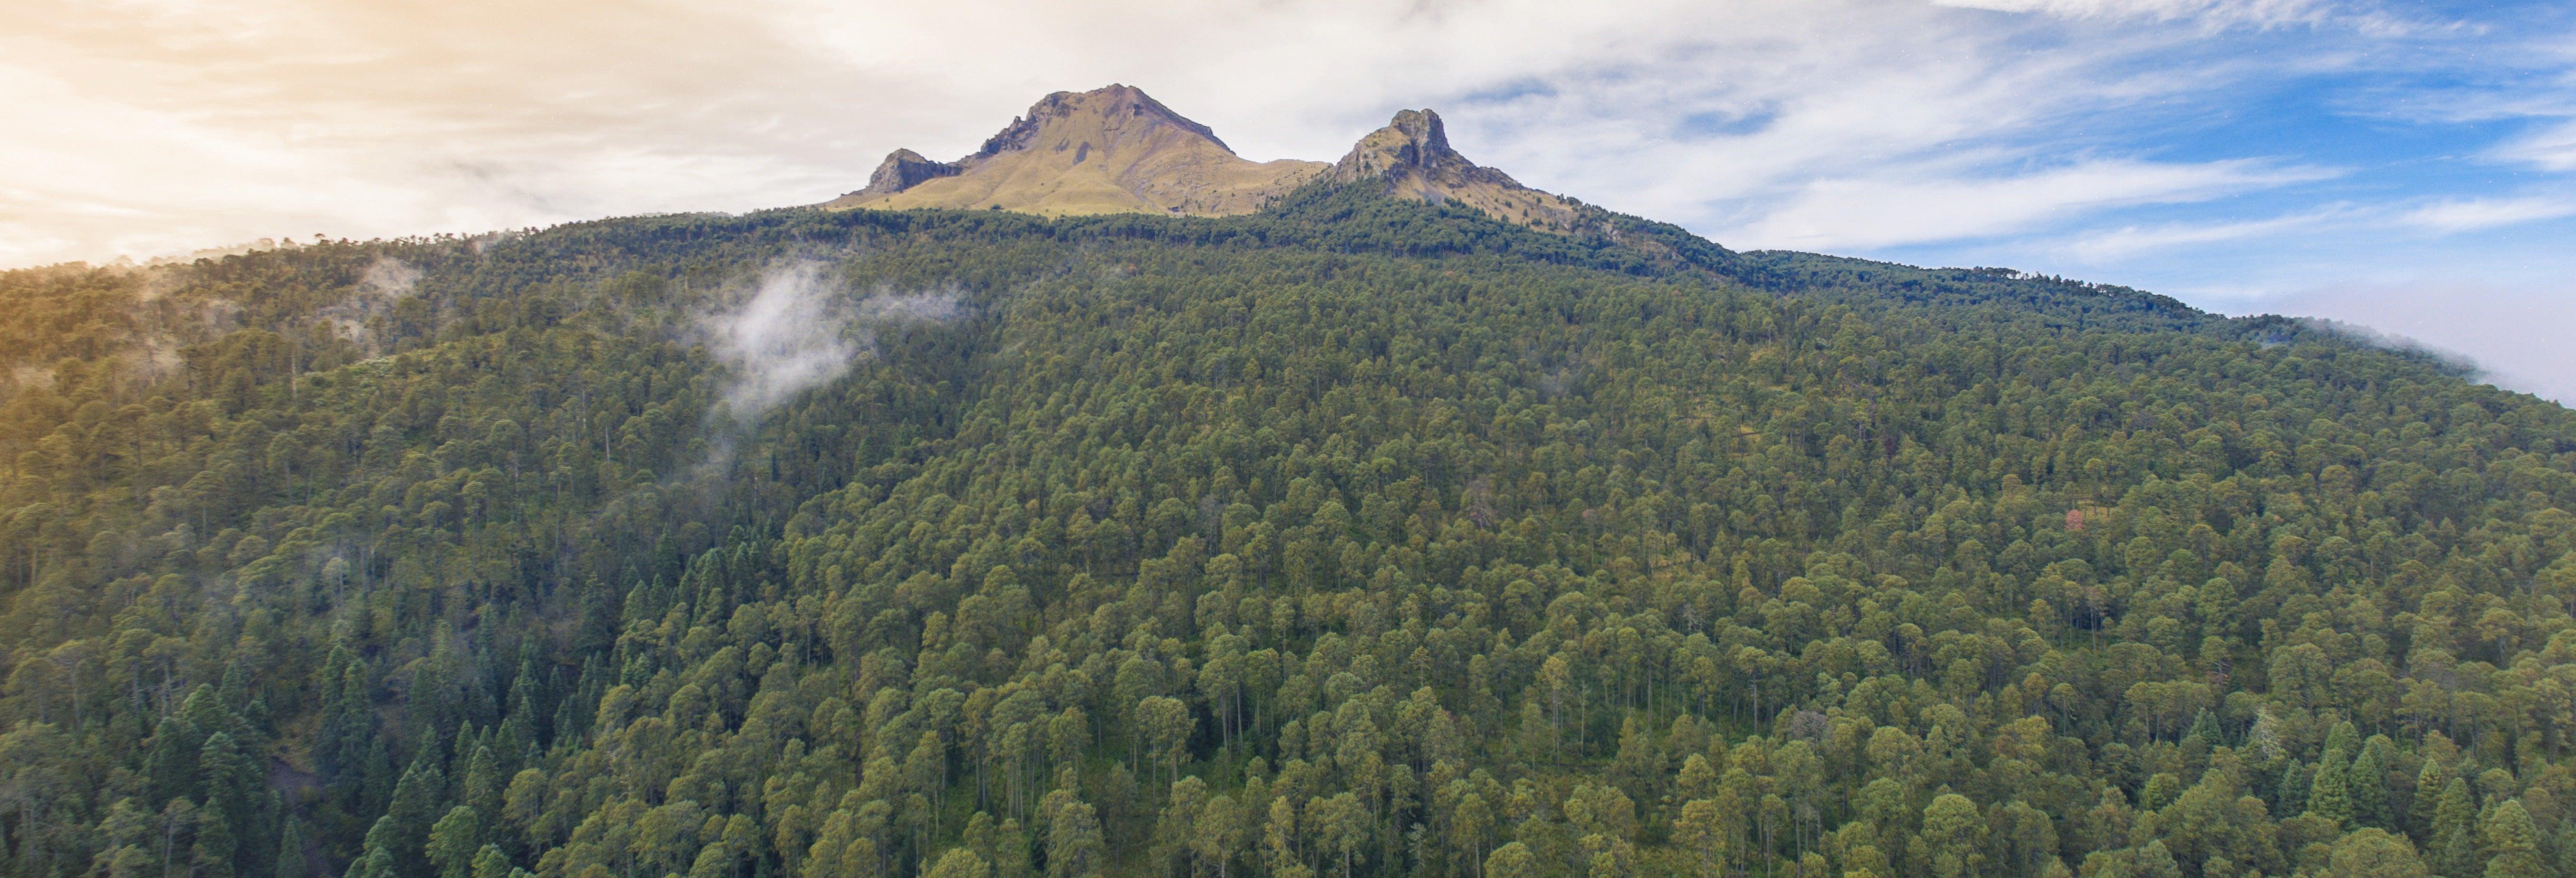 Senderismo por el Parque Nacional La Malinche